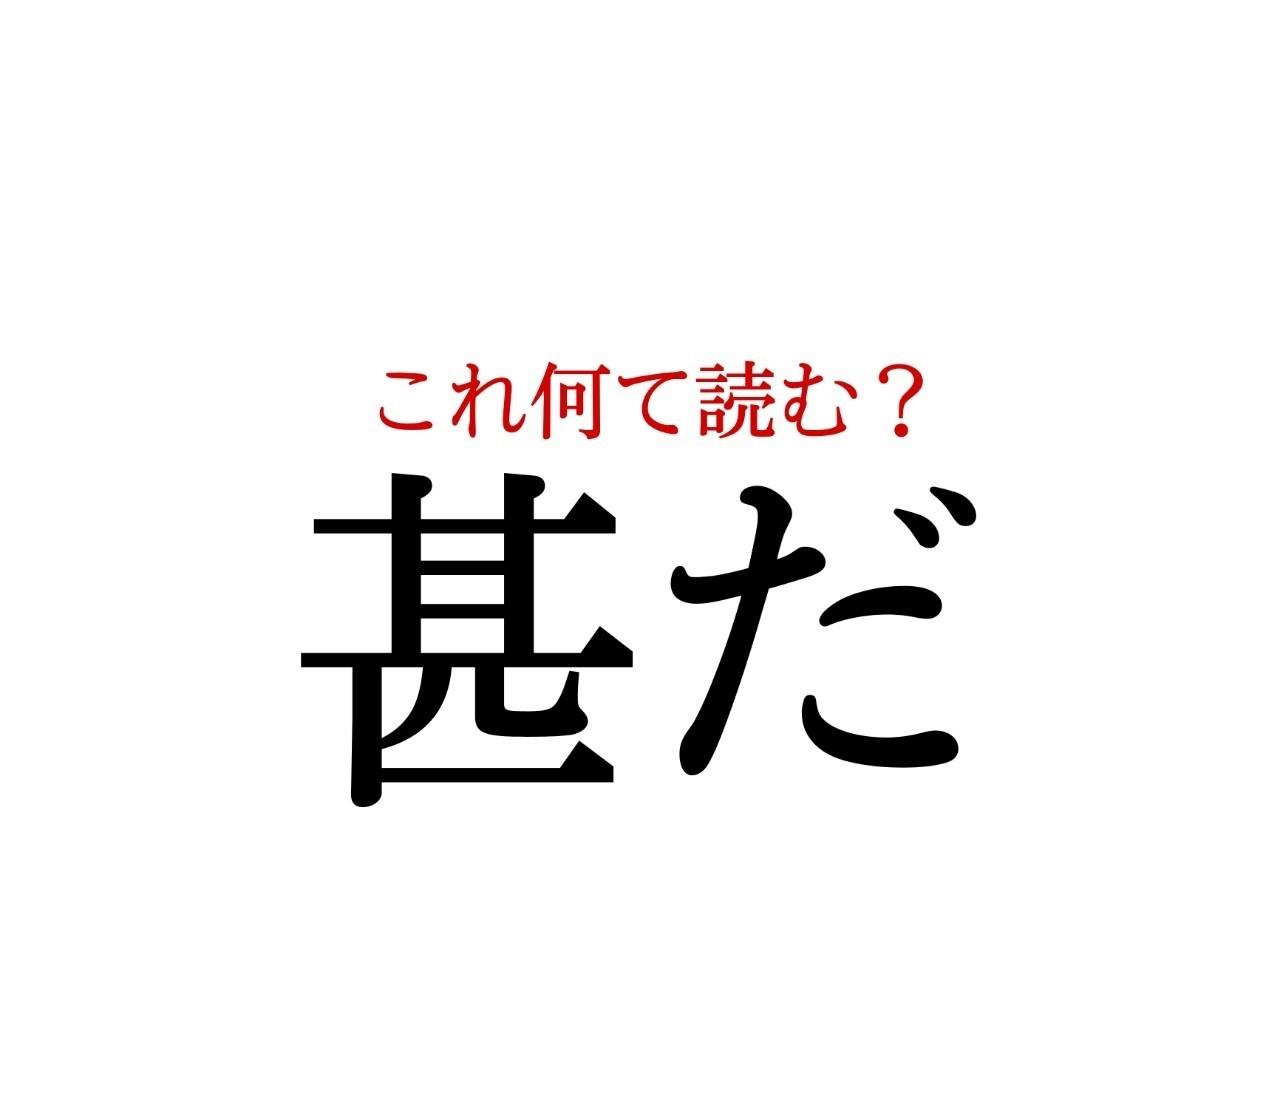 「甚だ」:この漢字、自信を持って読めますか?【働く大人の漢字クイズvol.227】